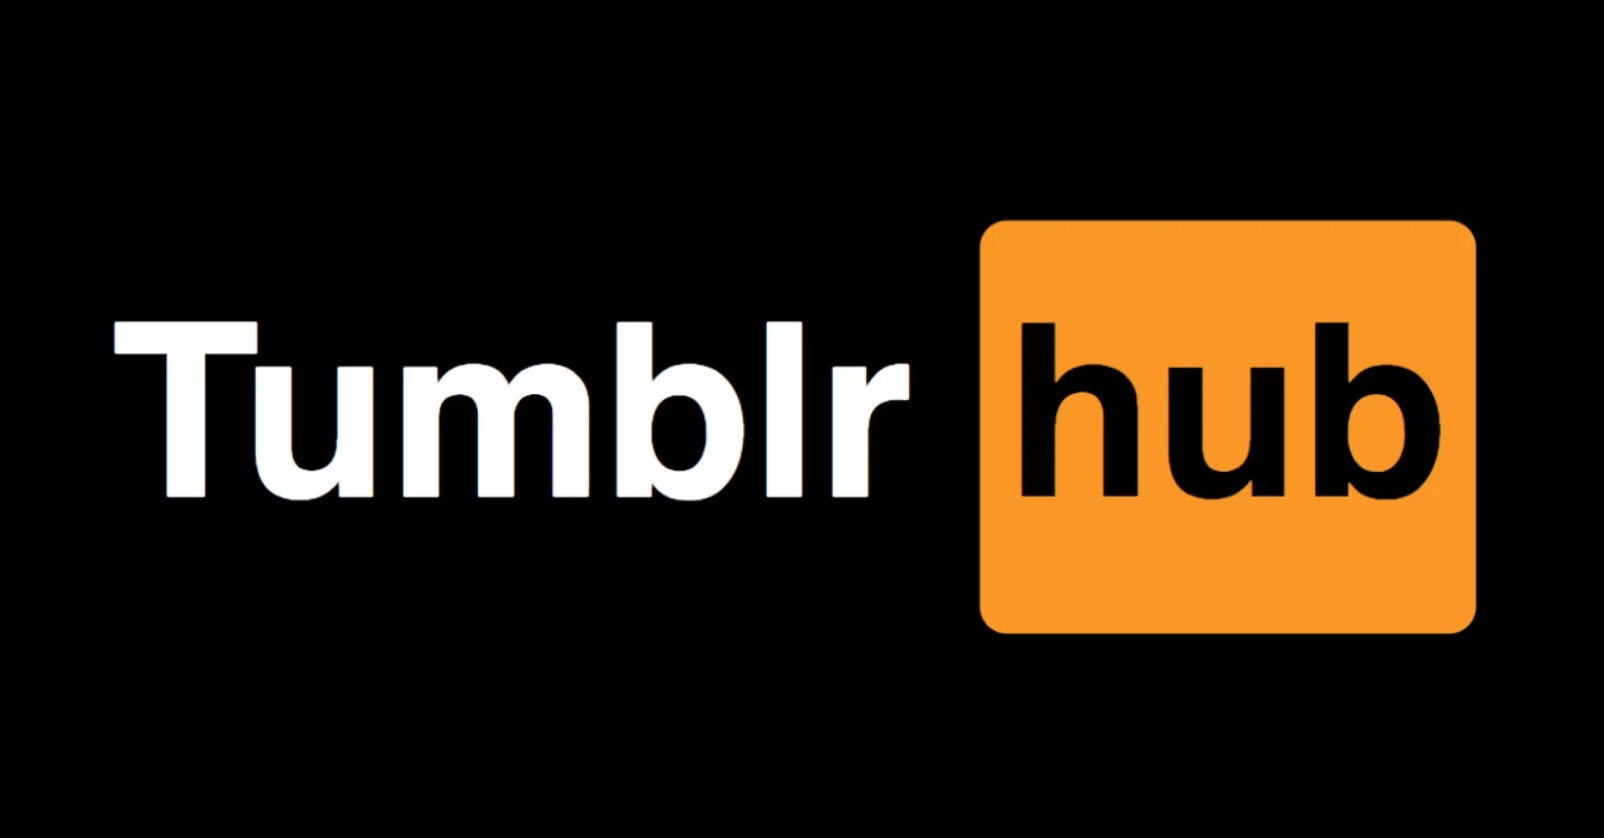 Pornhub muốn mua lại và khôi phục thời kỳ hoàng kim của Tumblr